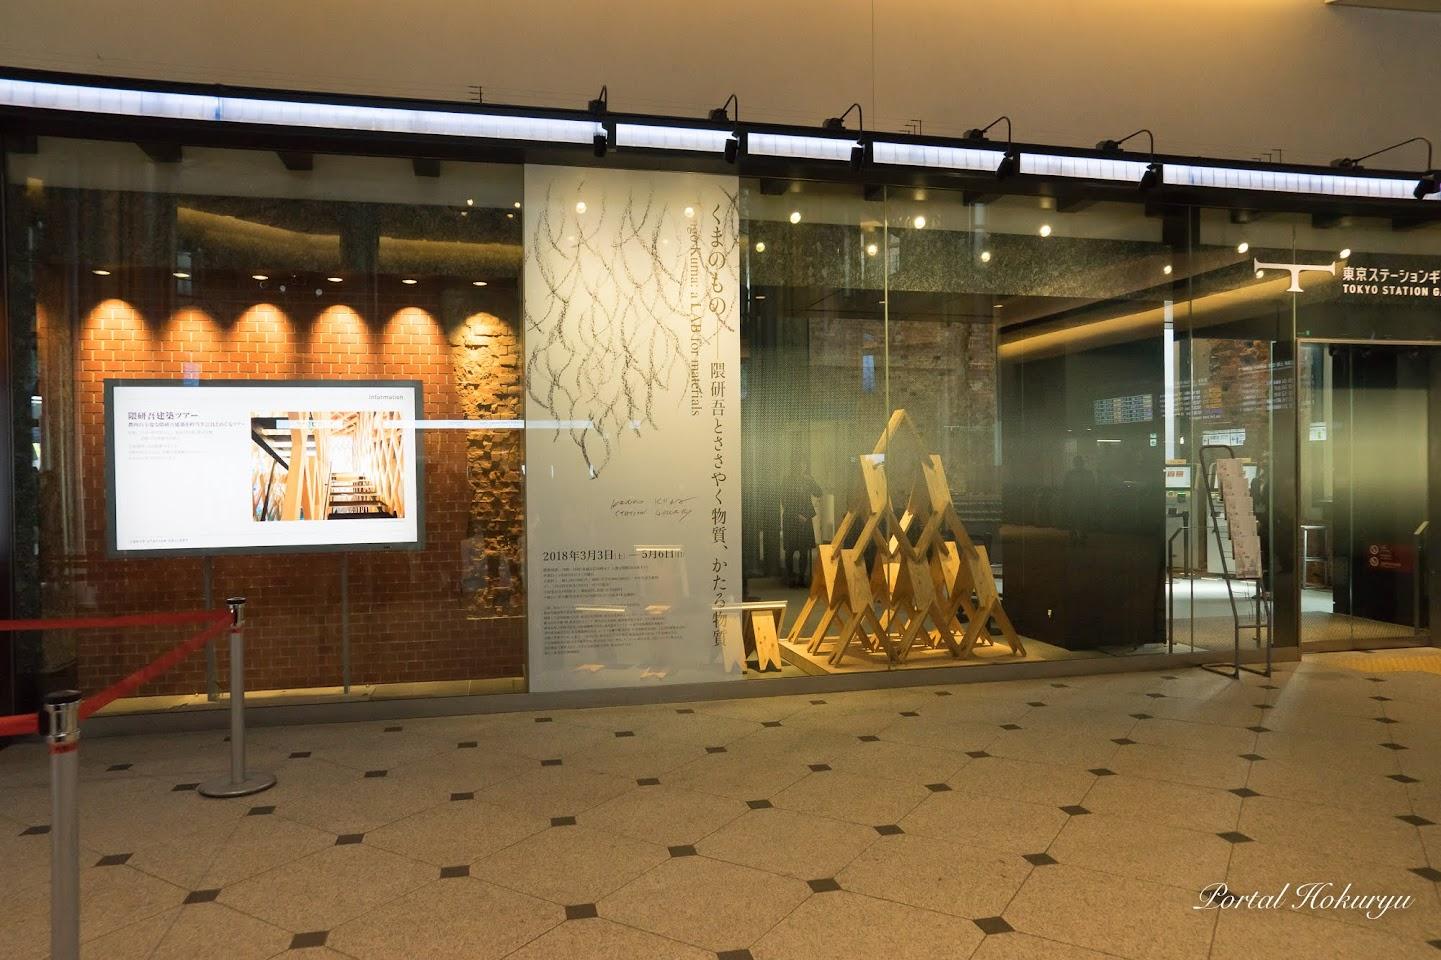 世界的建築家・隈研吾氏「くまのものー隈研吾とささやく物質、かたる物質」展示会